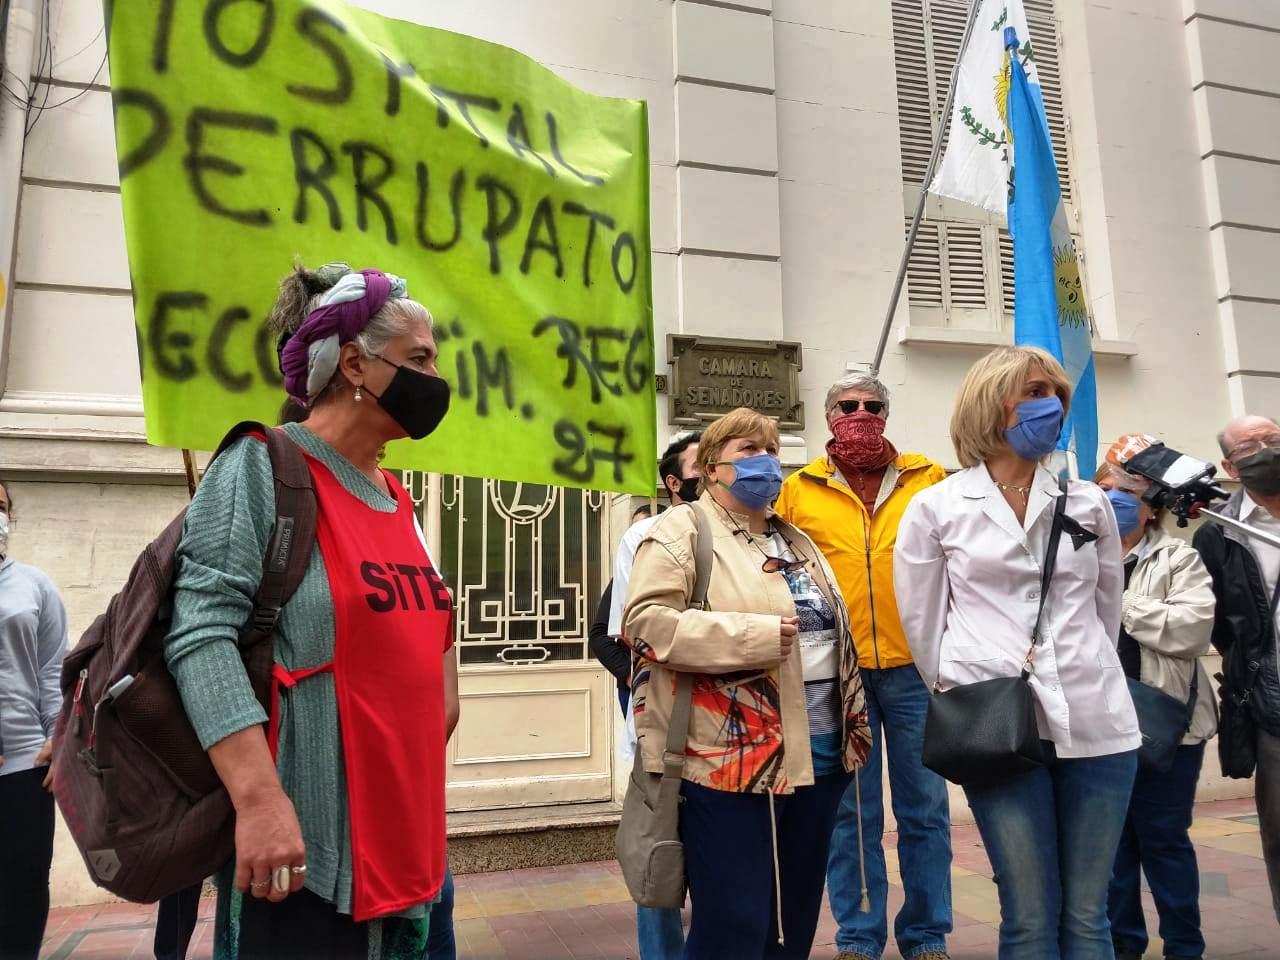 Médicos y enfermeros protestaron en la Legislatura y los recibió Abed - Mendoza Post